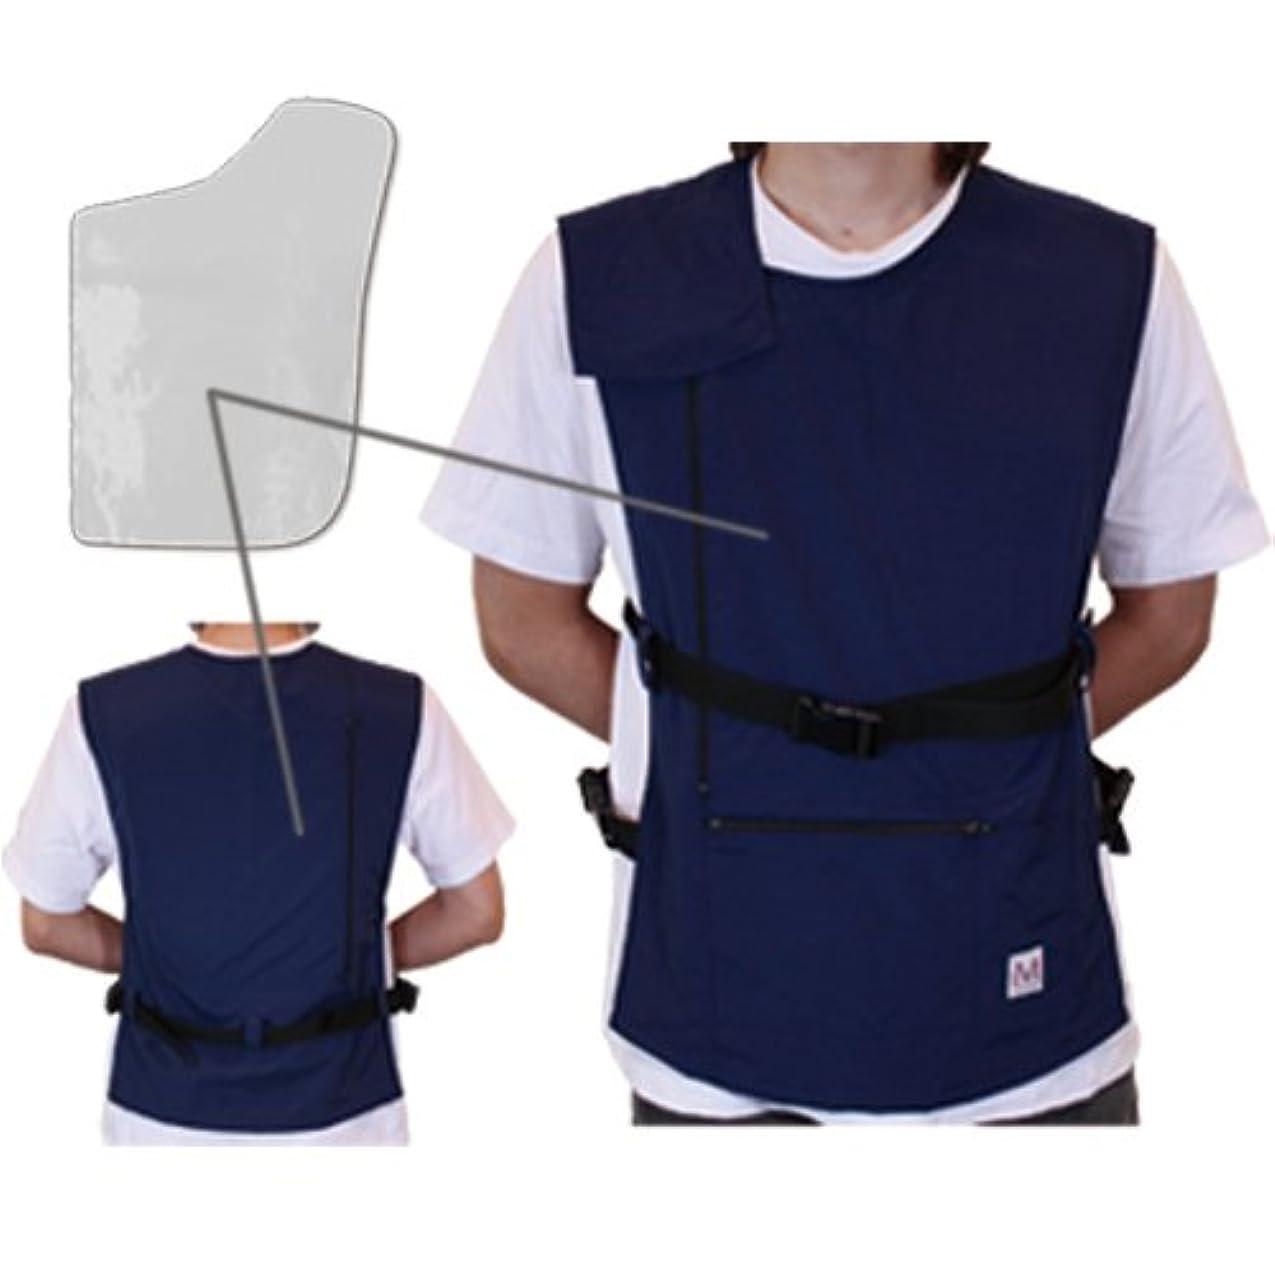 優れました検出器ばかペースメーカ?ICD電磁波防護服「MGワークベスト左胸用(ネイビー)2年間品質保証